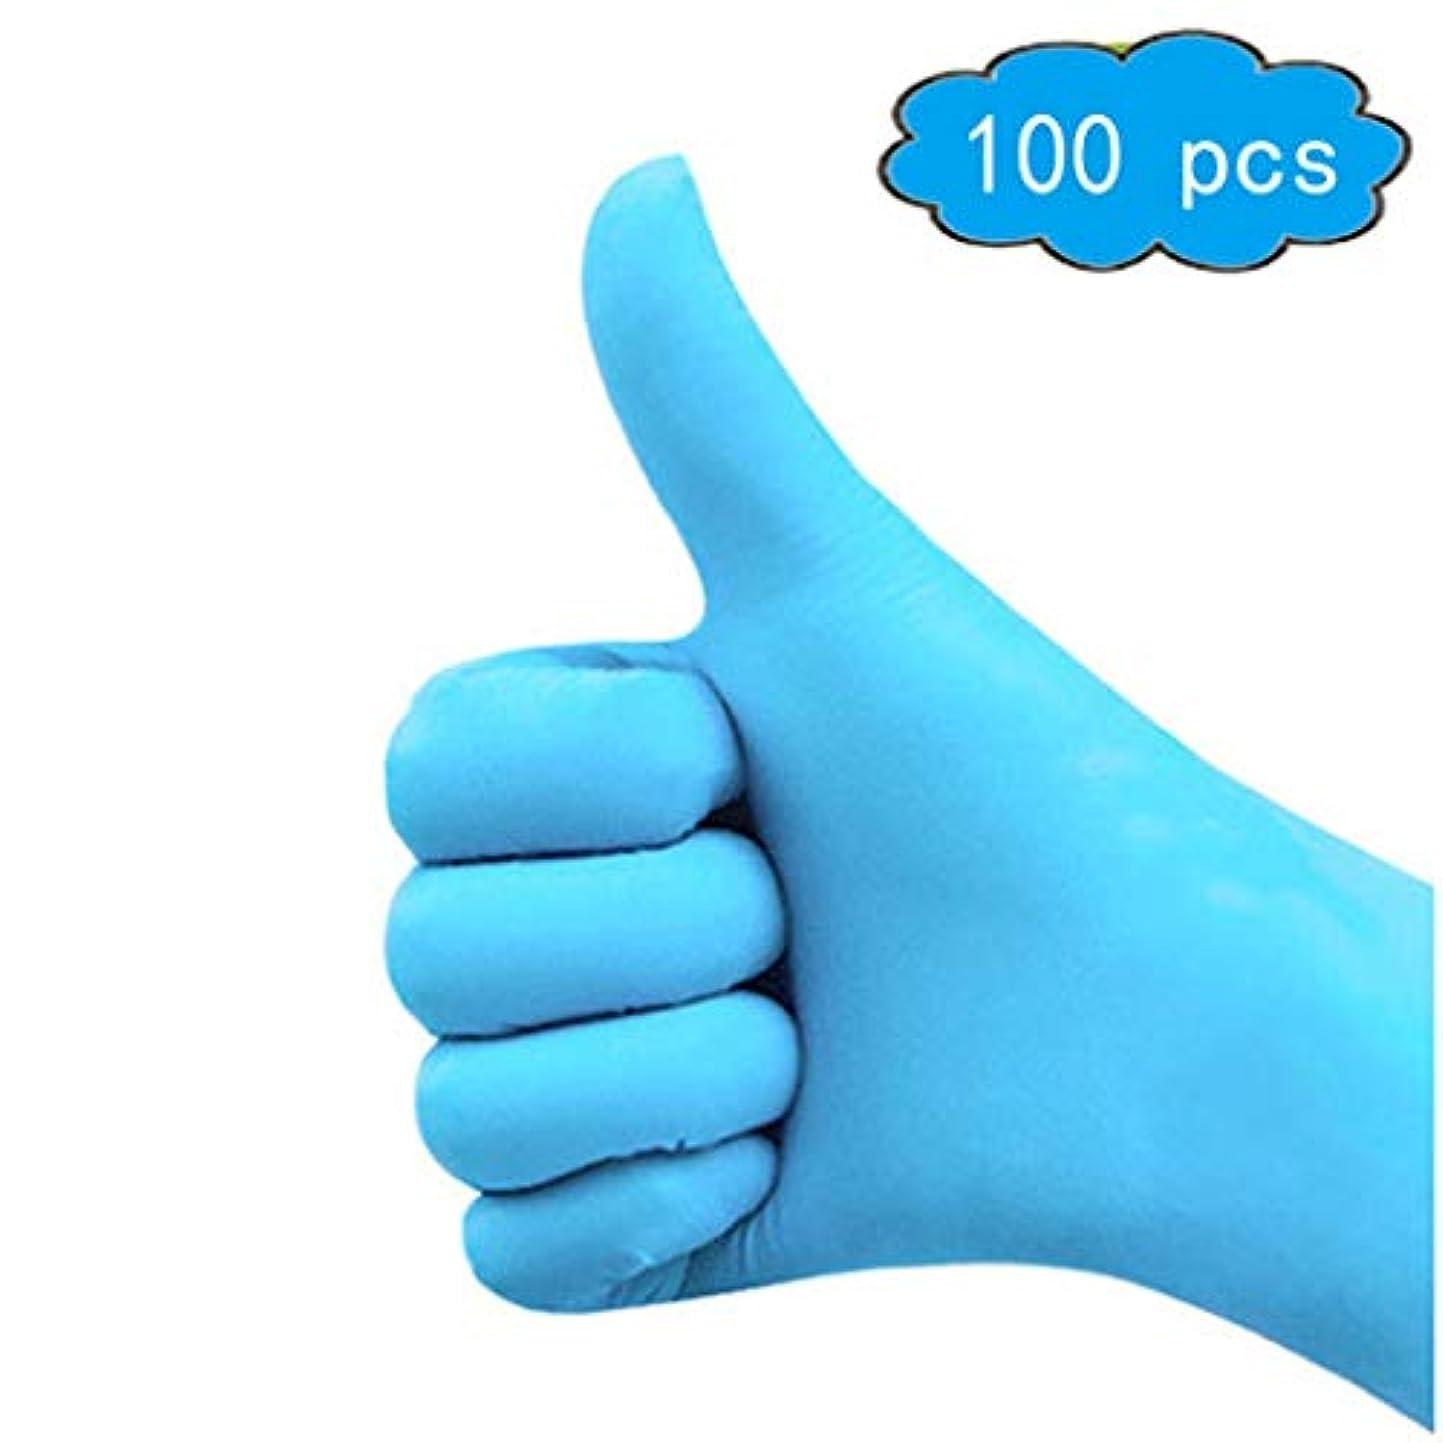 使用法健全ほこりっぽい使い捨てニトリル手袋、パウダーなし、厚く、3 mil、青、サイズL、100個入り、サニタリー手袋、家庭用品 (Color : Blue, Size : L)